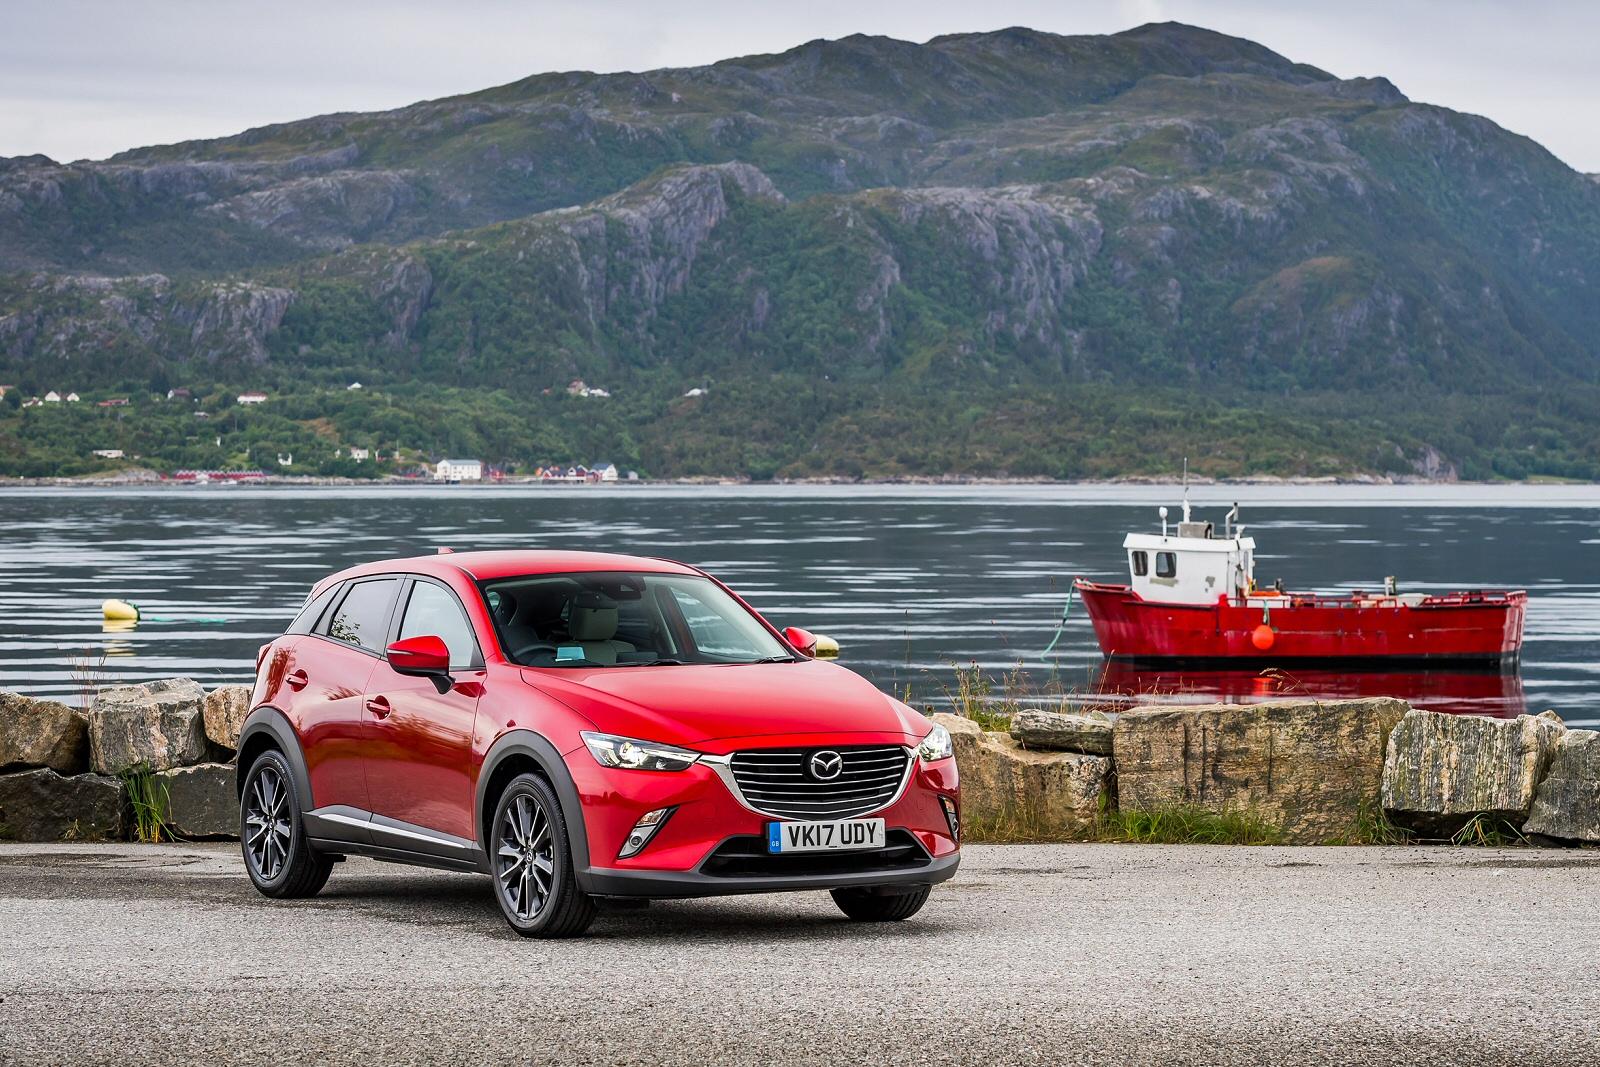 new mazda cx-3 2.0 se-l nav + 5dr petrol hatchback for sale